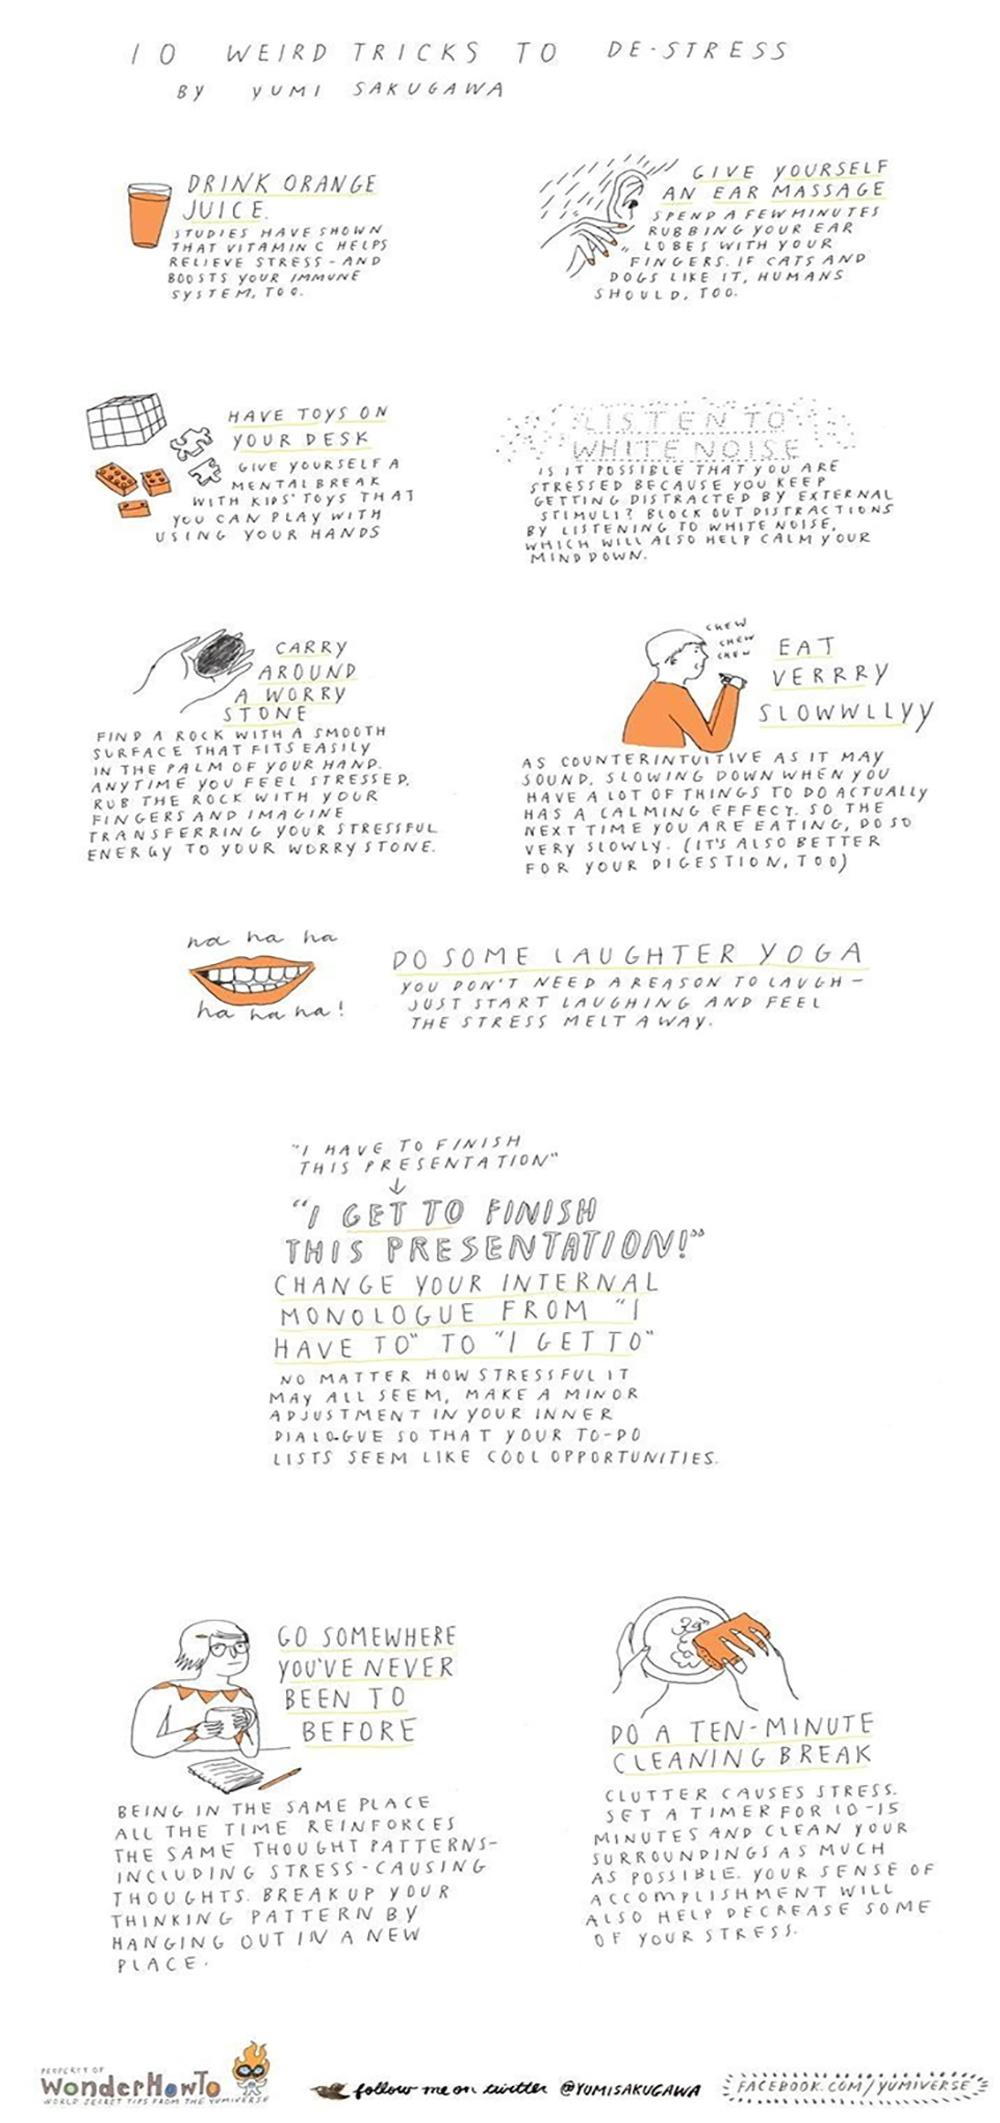 10 Weird Tricks.jpg